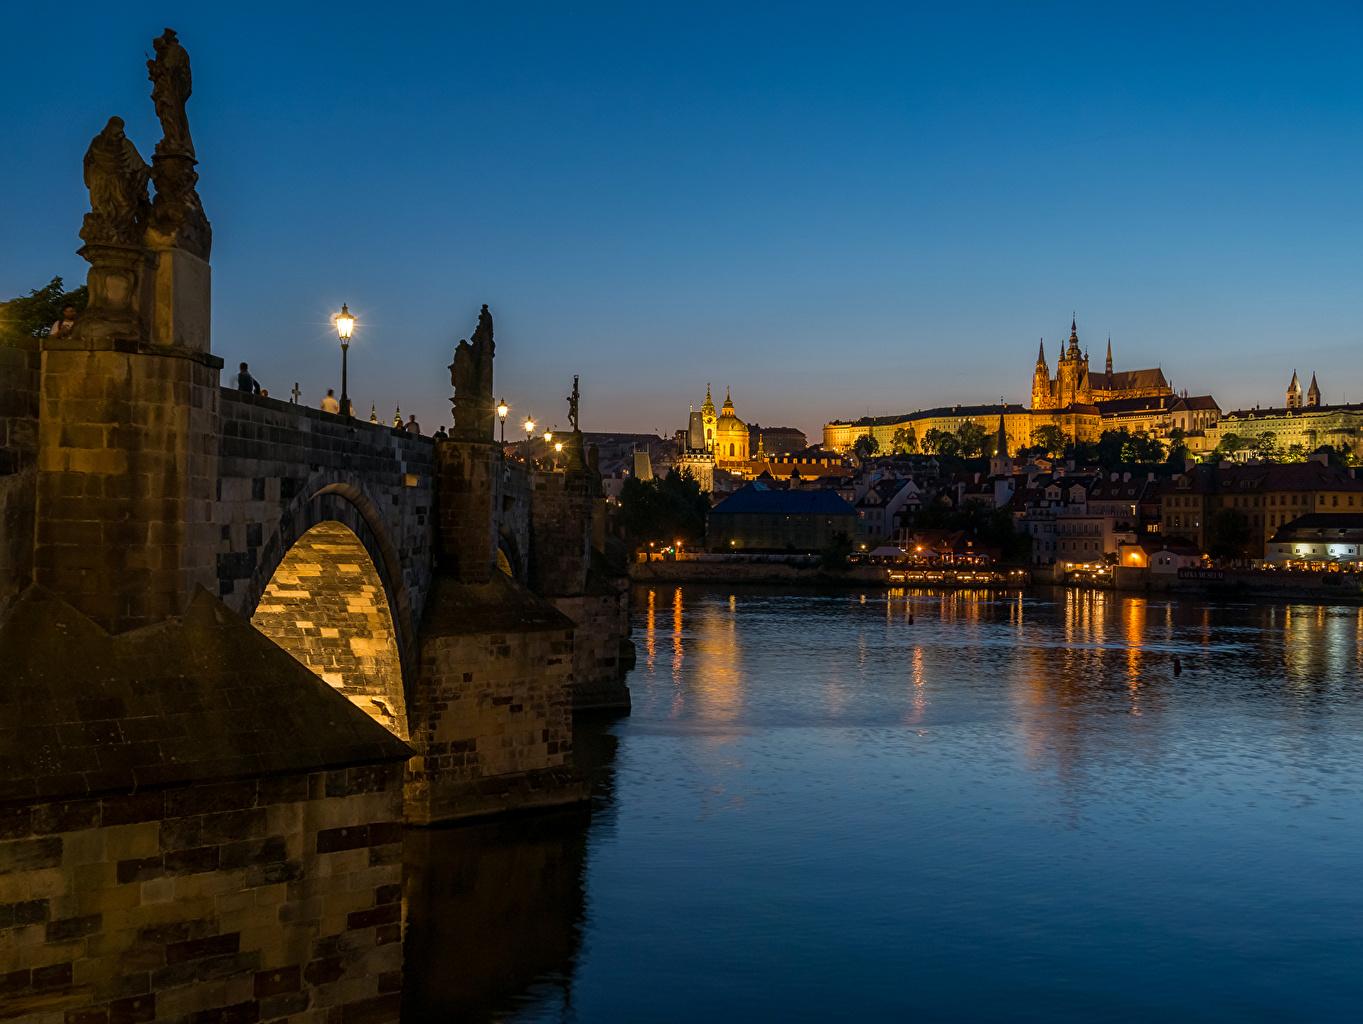 Картинка Прага Чехия Мосты Реки Ночные Уличные фонари Города Скульптуры мост река Ночь речка ночью в ночи город скульптура